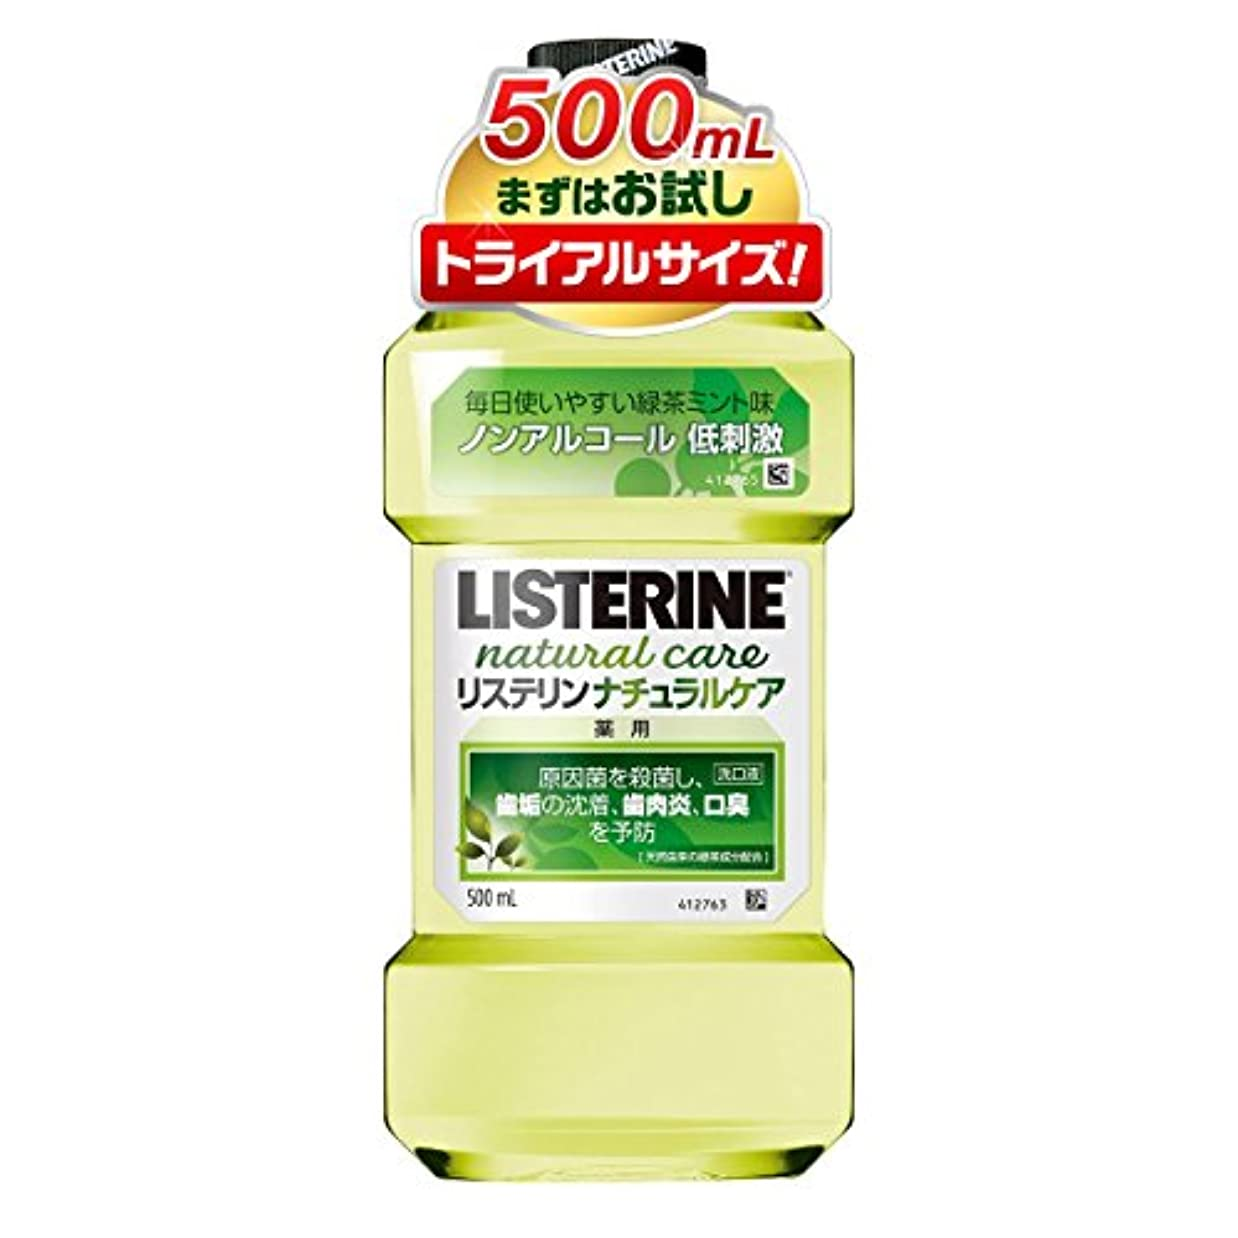 トピック基準近く[医薬部外品] 薬用 リステリン マウスウォッシュ ナチュラルケア 500mL ノンアルコールタイプ